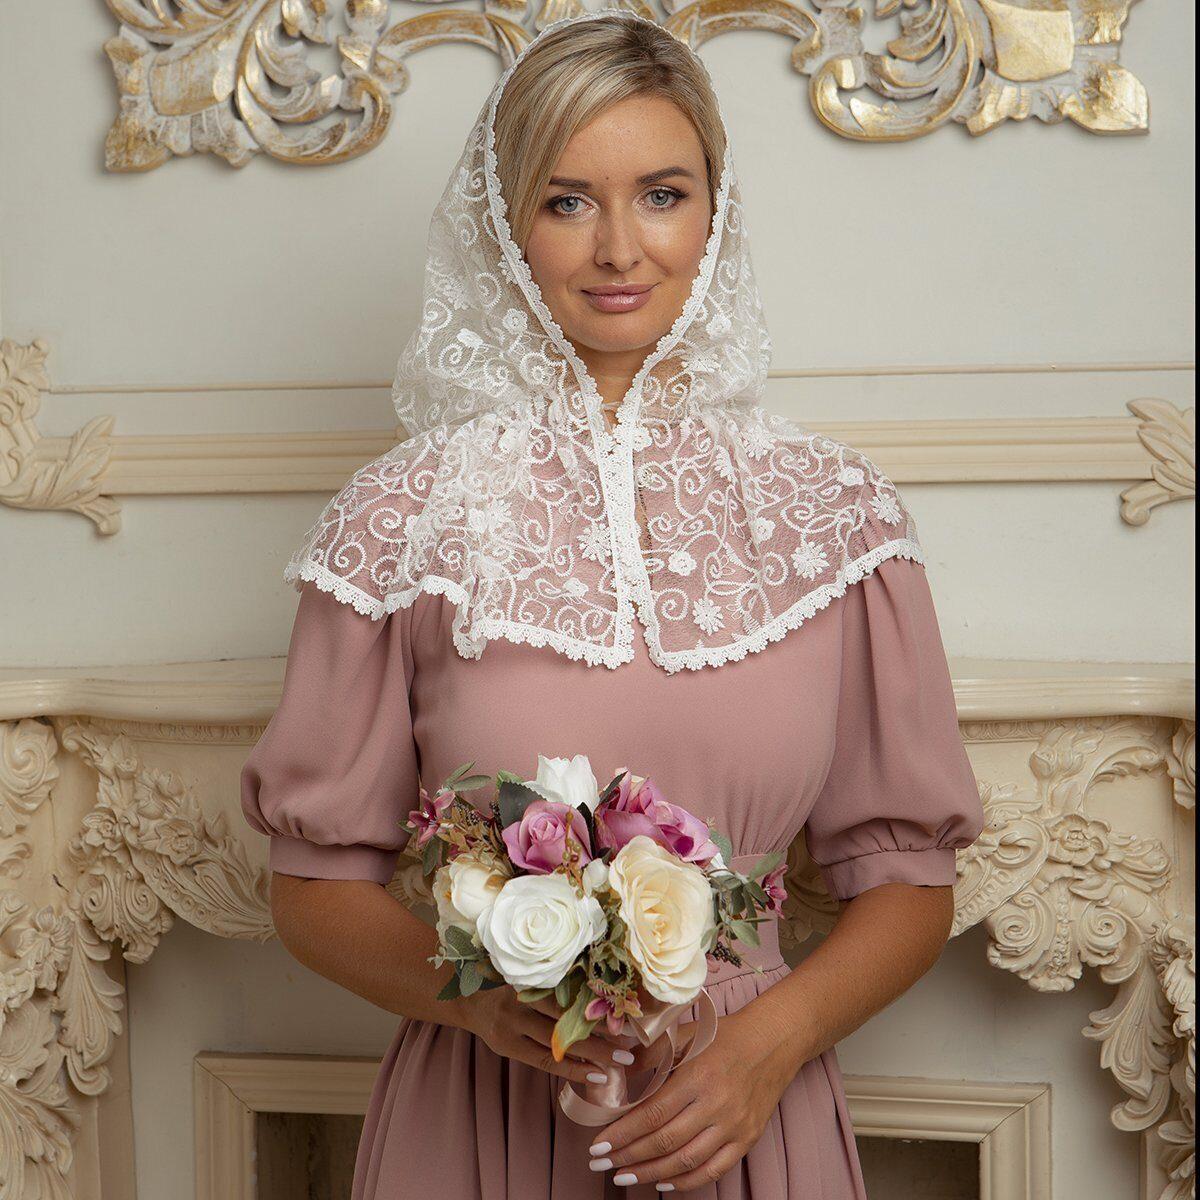 Платье Для Венчания Женщине 50 Лет